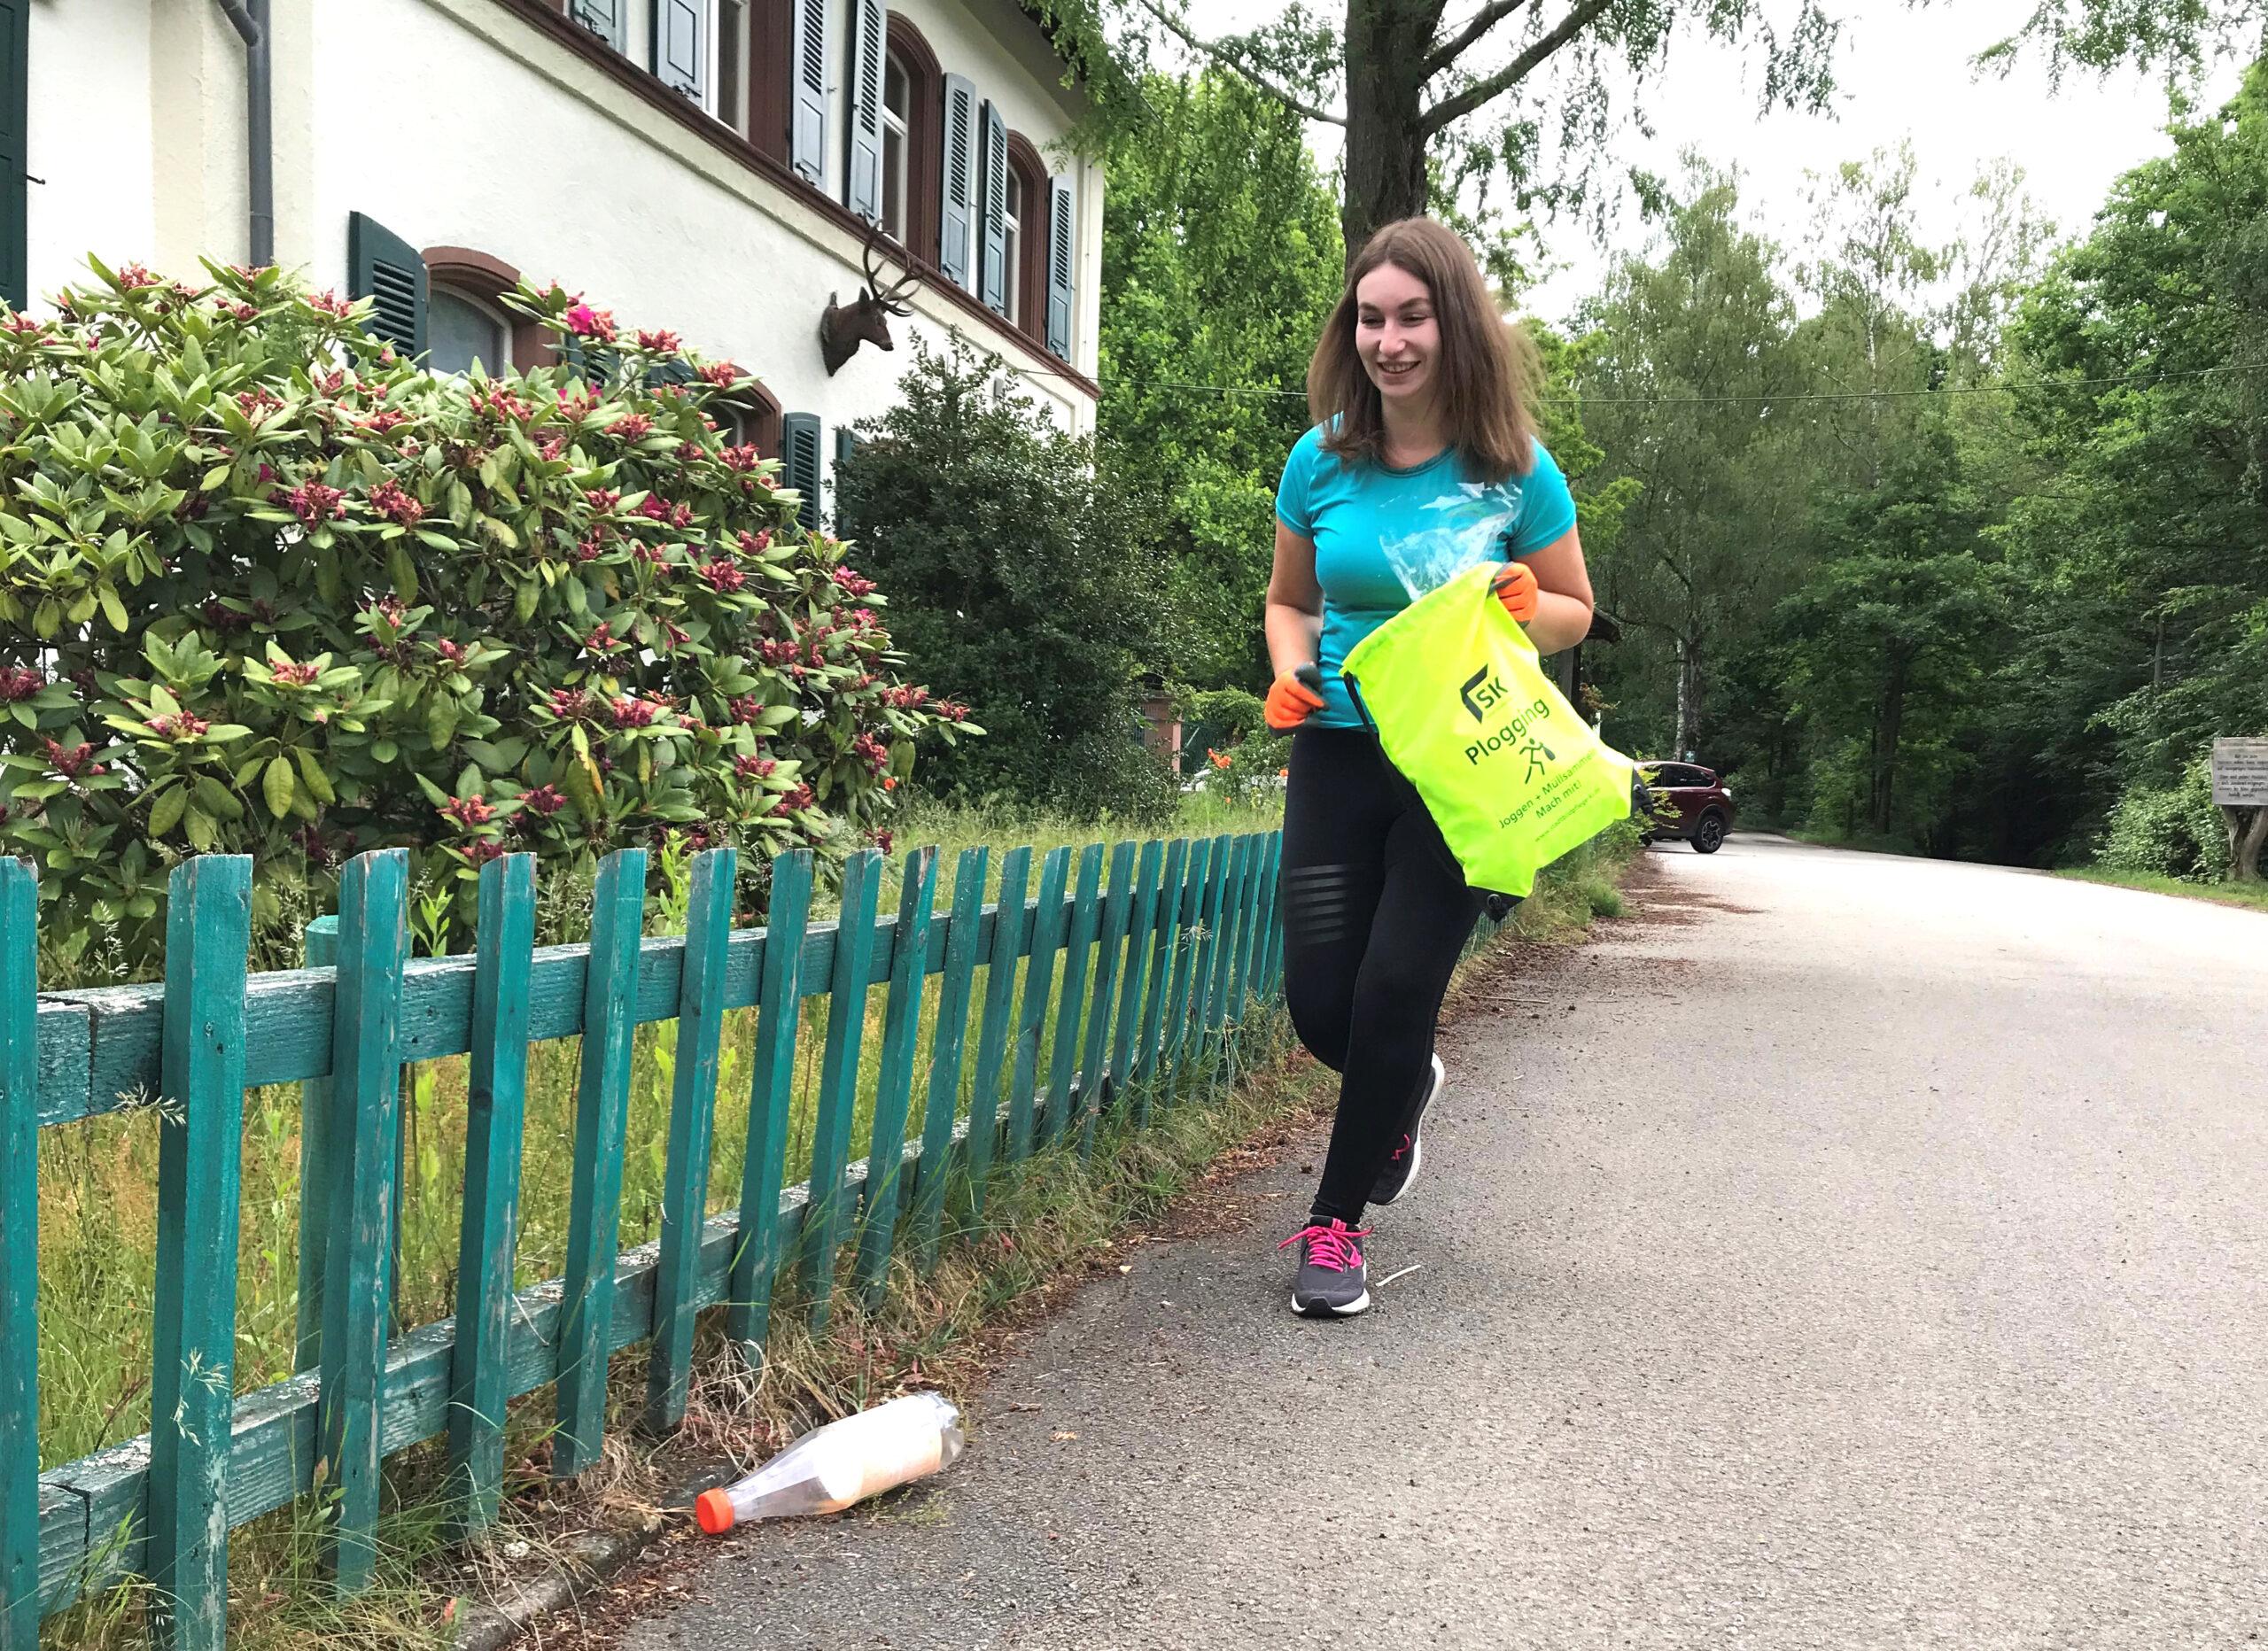 Stadtbildpflege Kaiserslautern: Neuer Trend für eine saubere Stadt